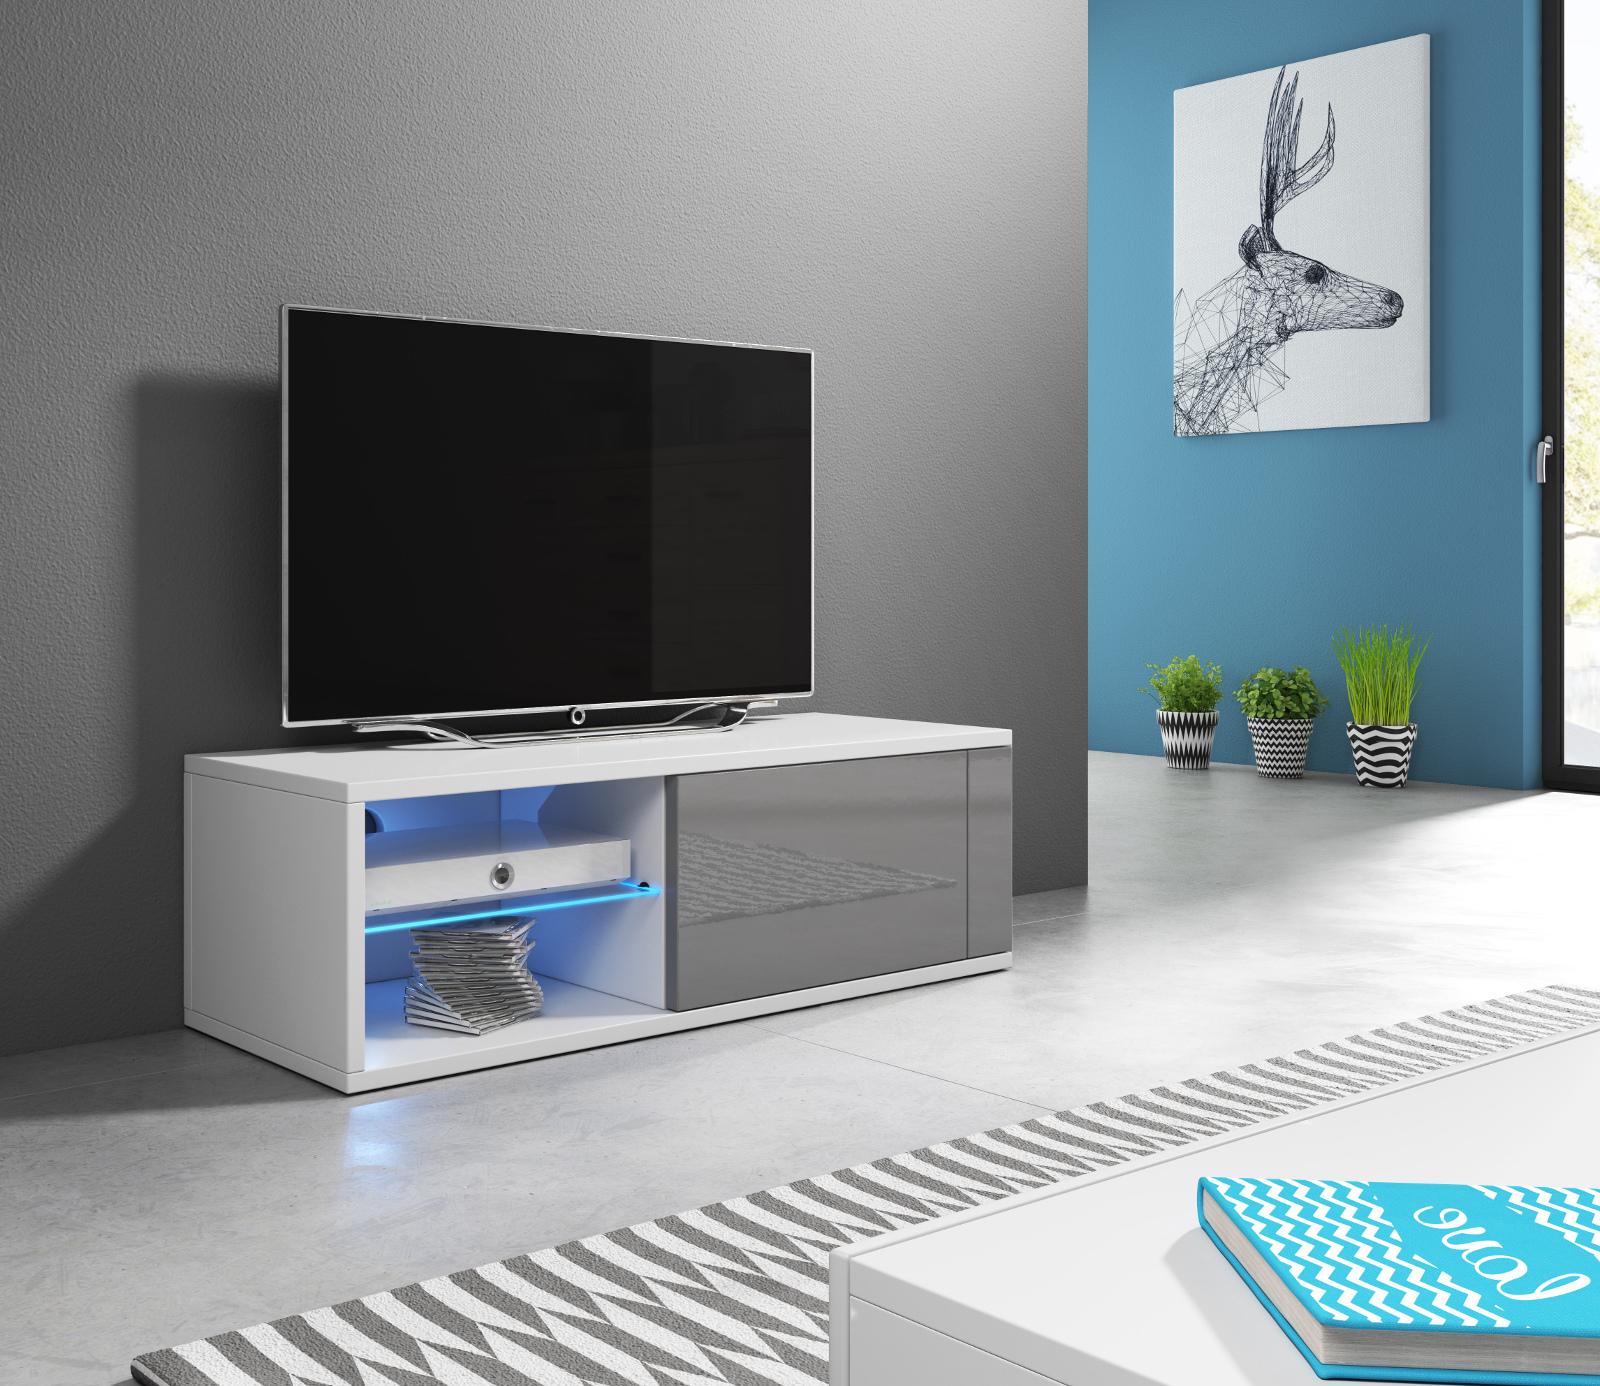 b rom bel schreibtisch in vier dekoren logo21 designerm bel moderne m bel owl. Black Bedroom Furniture Sets. Home Design Ideas